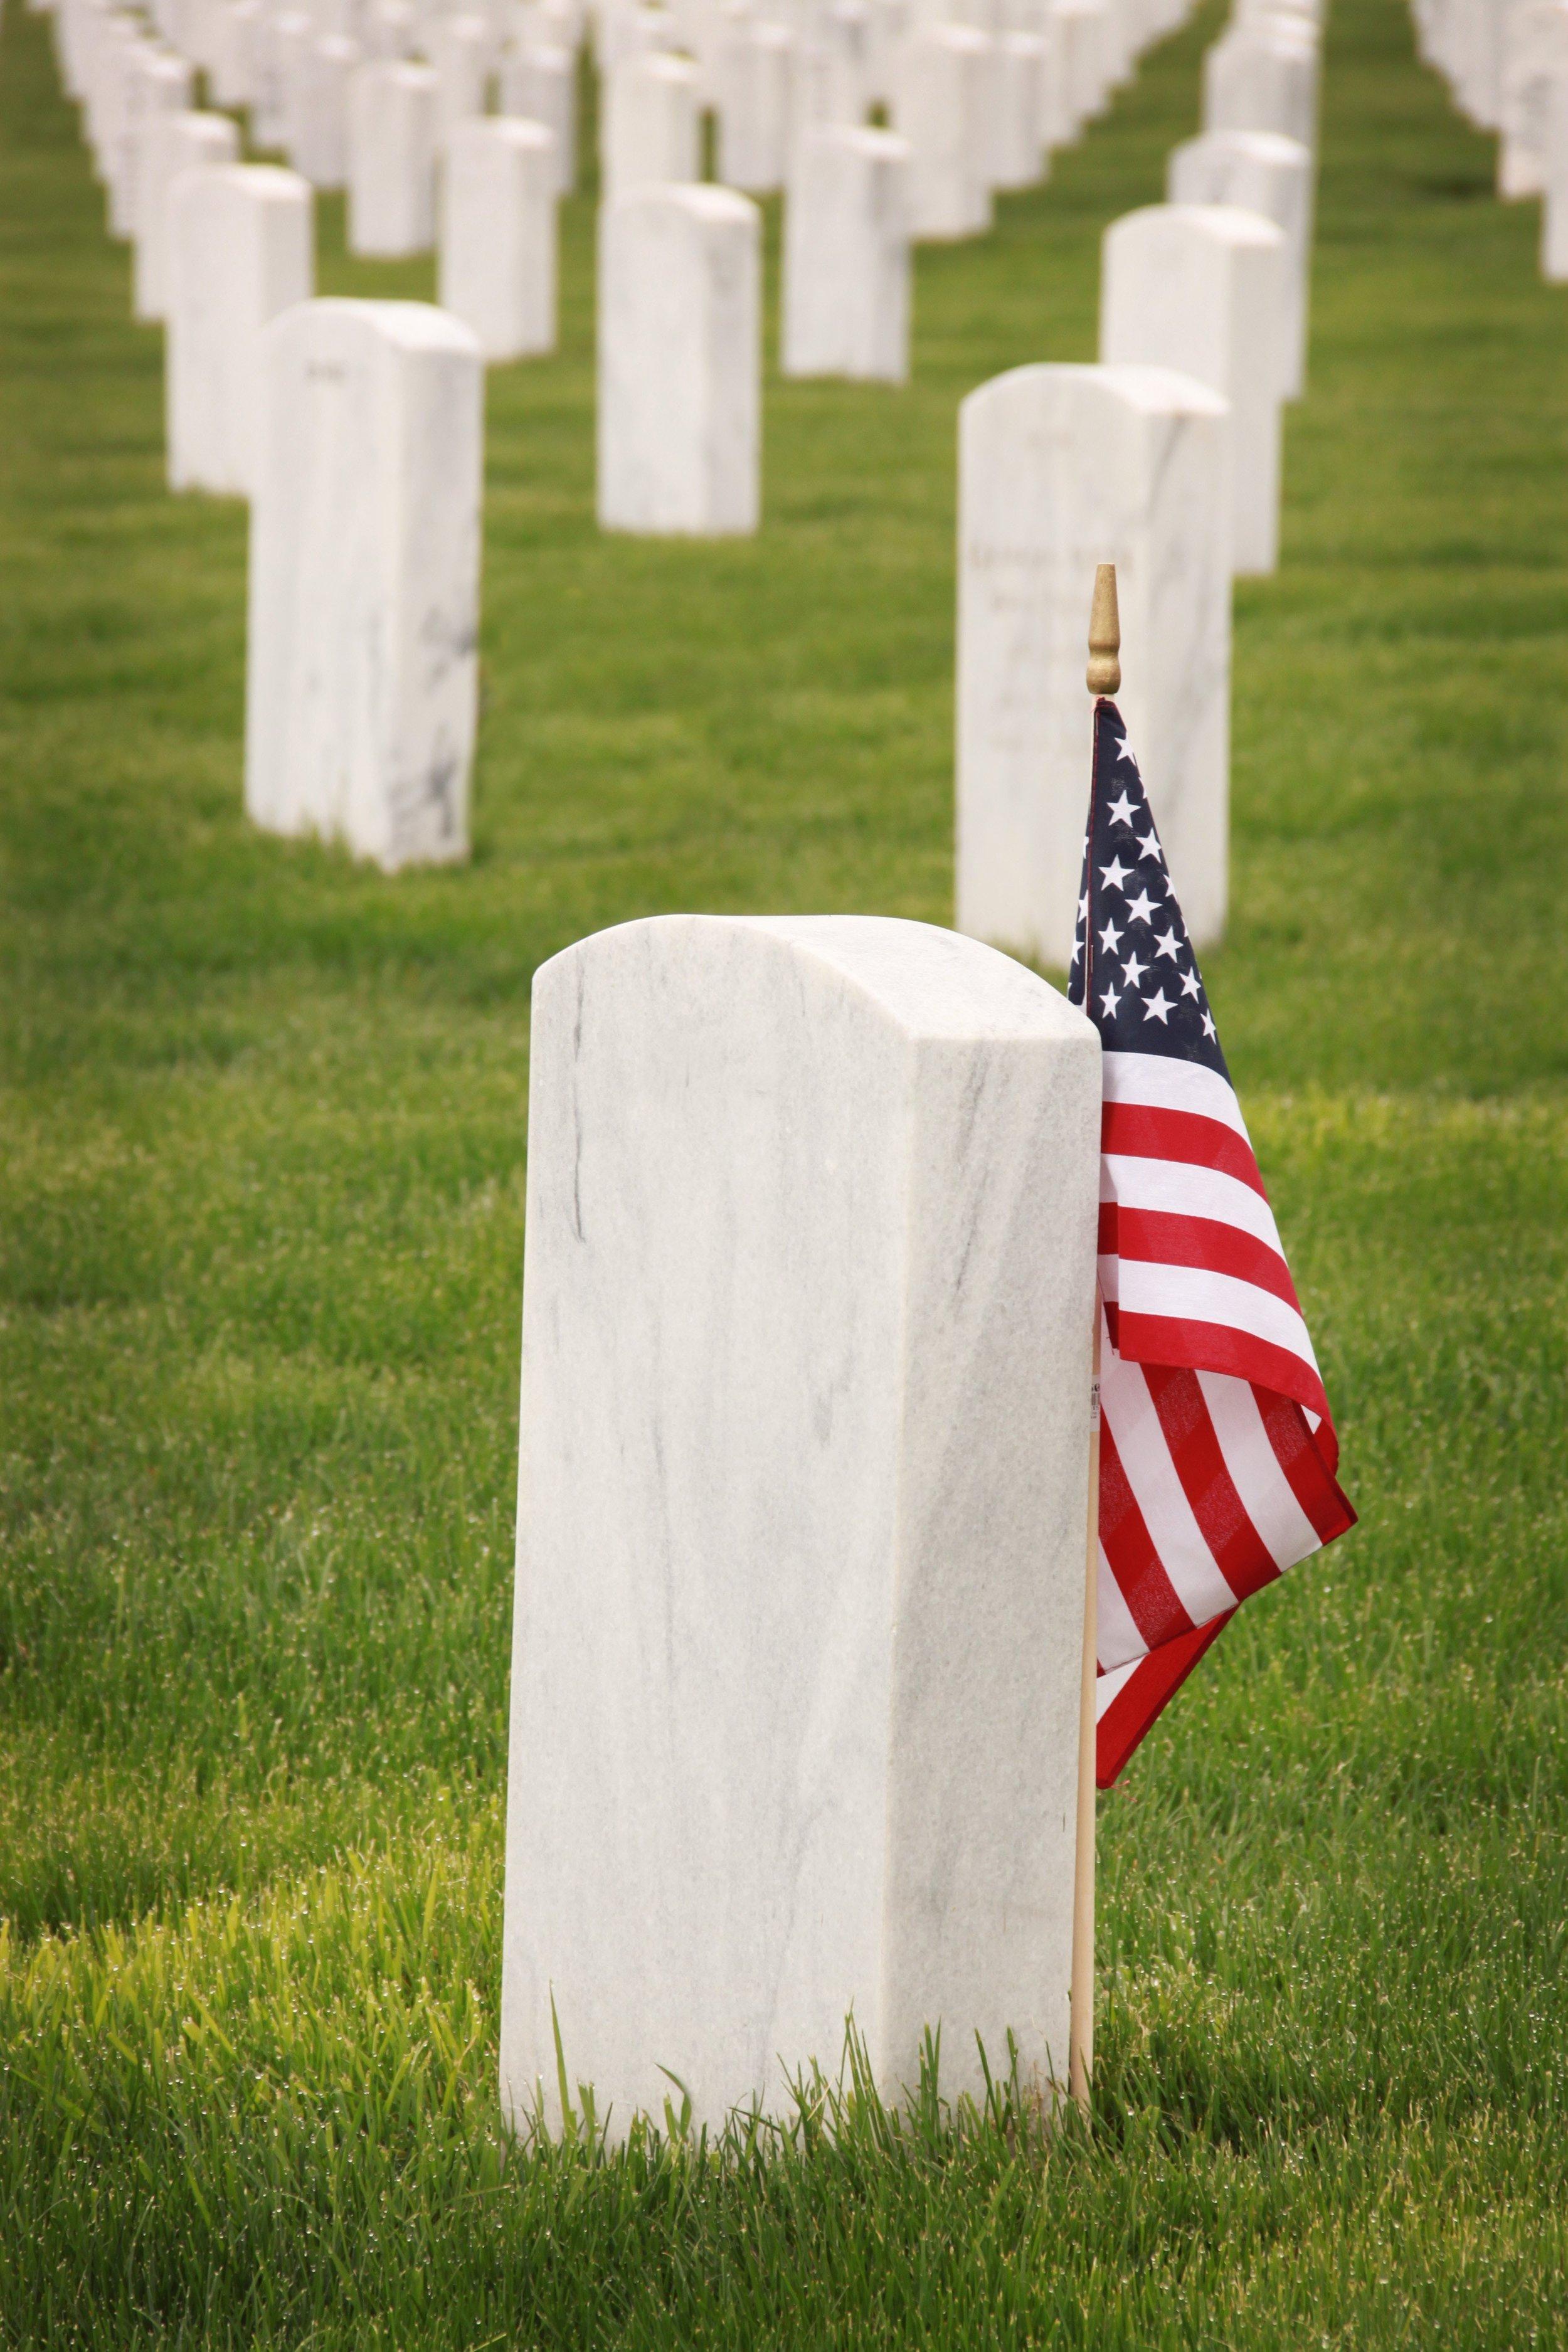 america-american-flag-burial-1202705.jpg